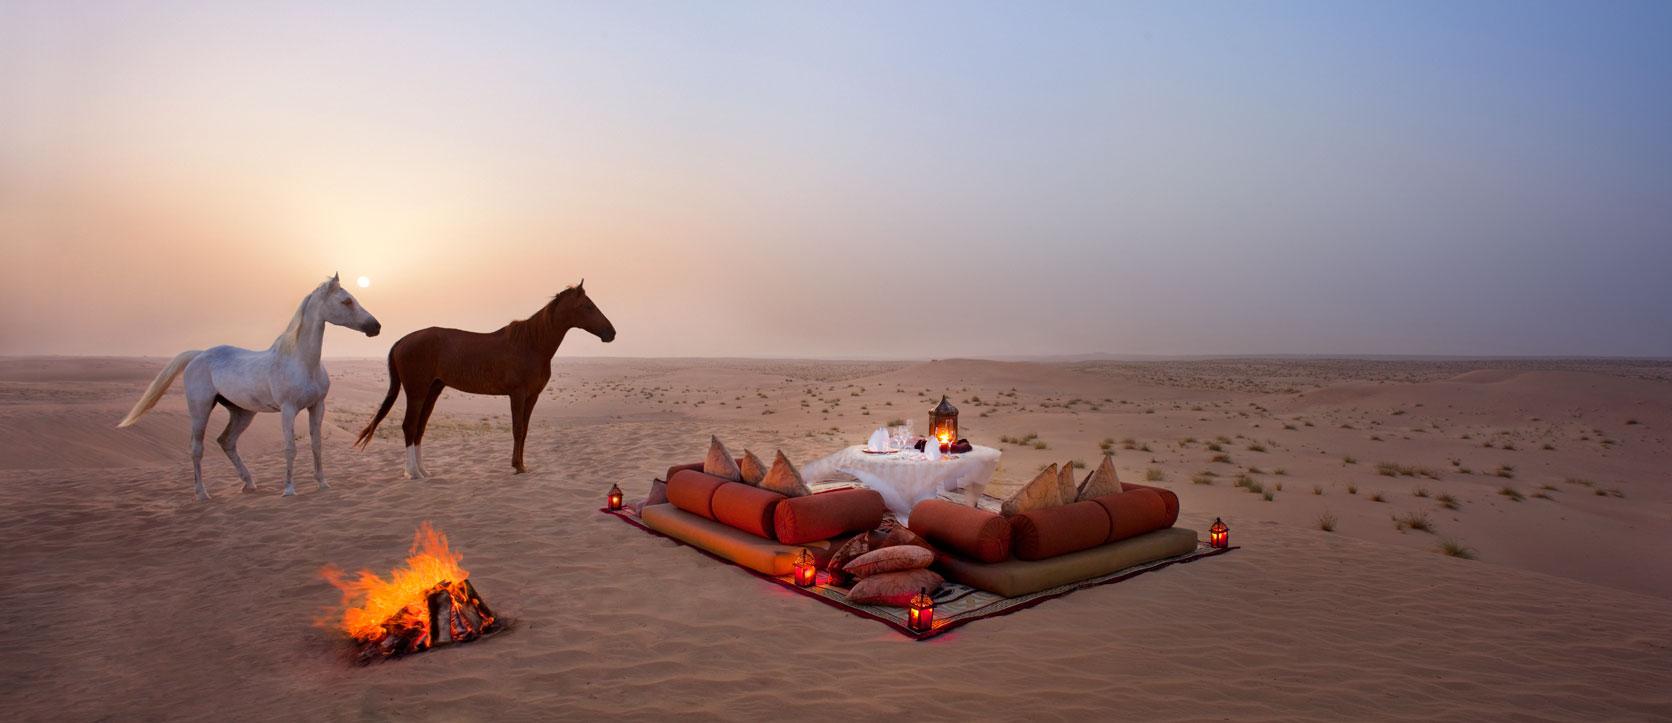 Romantic Places in Dubai